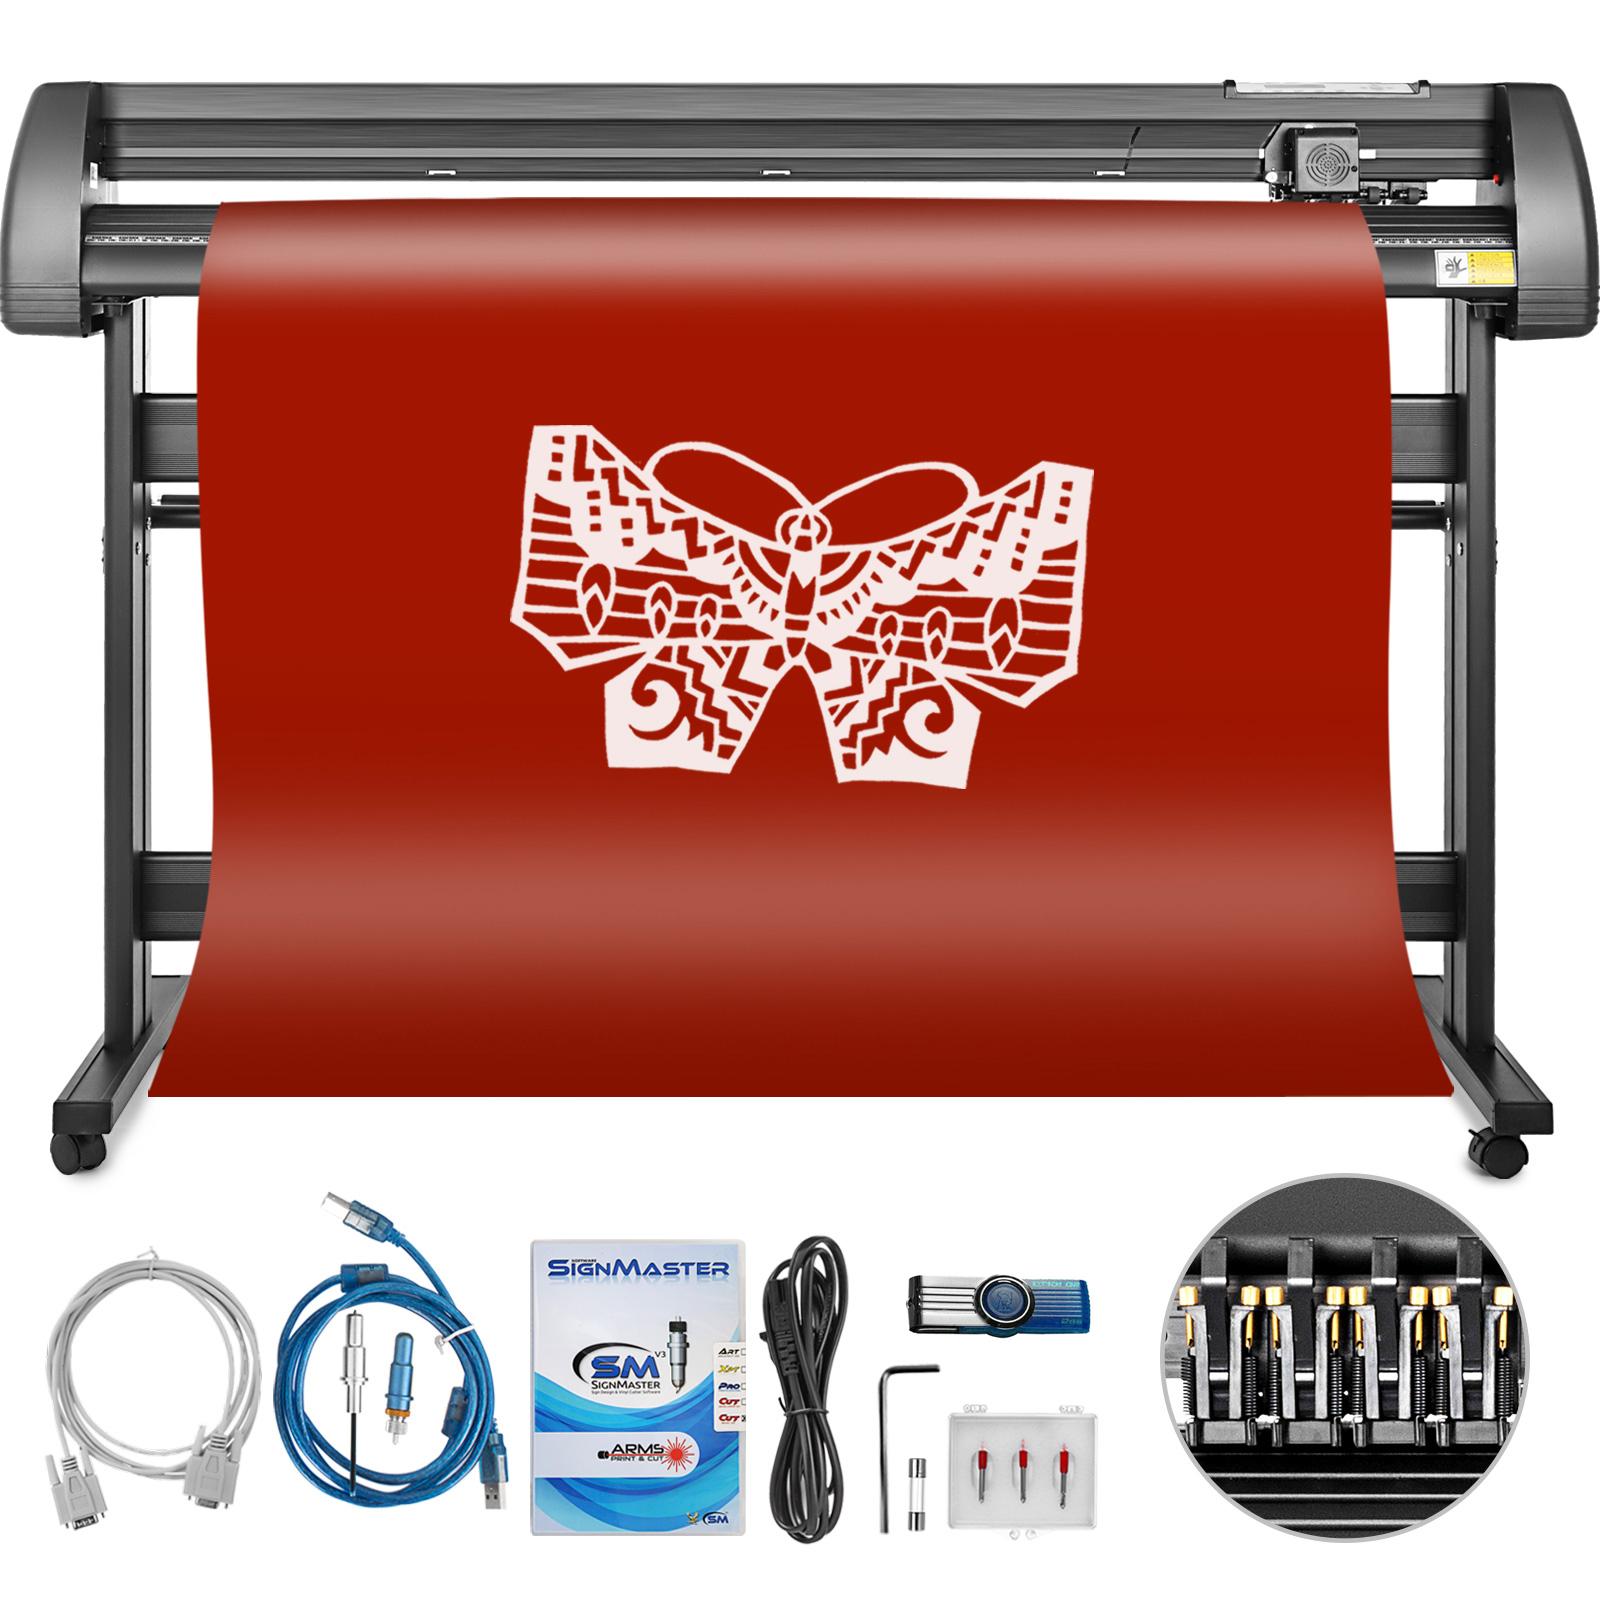 8da972458e Vinile Plotter da Taglio 135cm Creazione di adesivi Stampa 3 lame ...